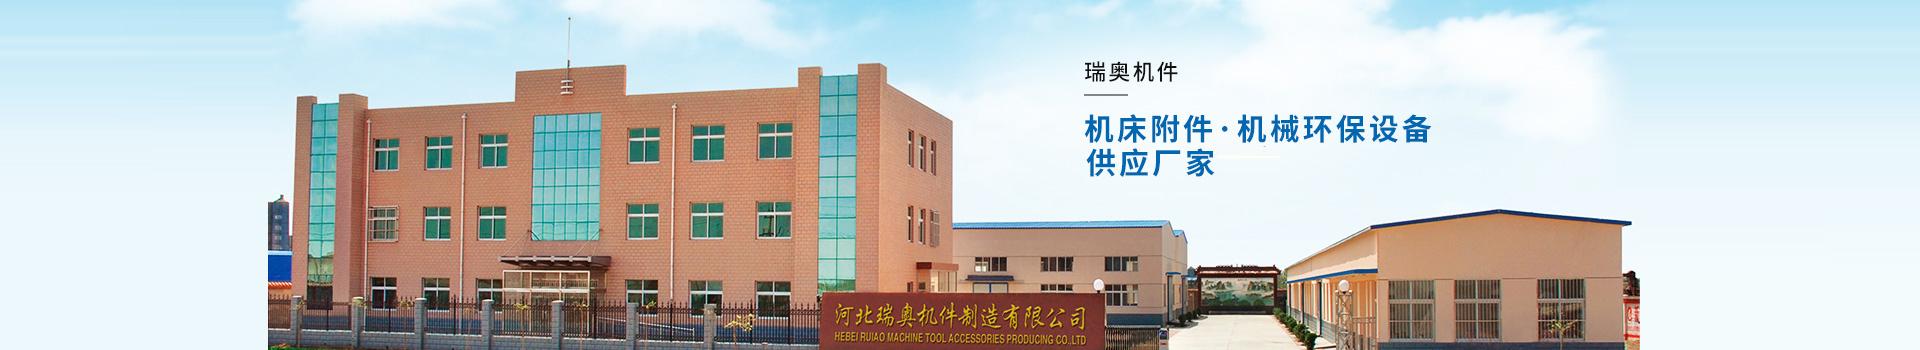 瑞奥机件:机床附件 机械环保设备供应厂家